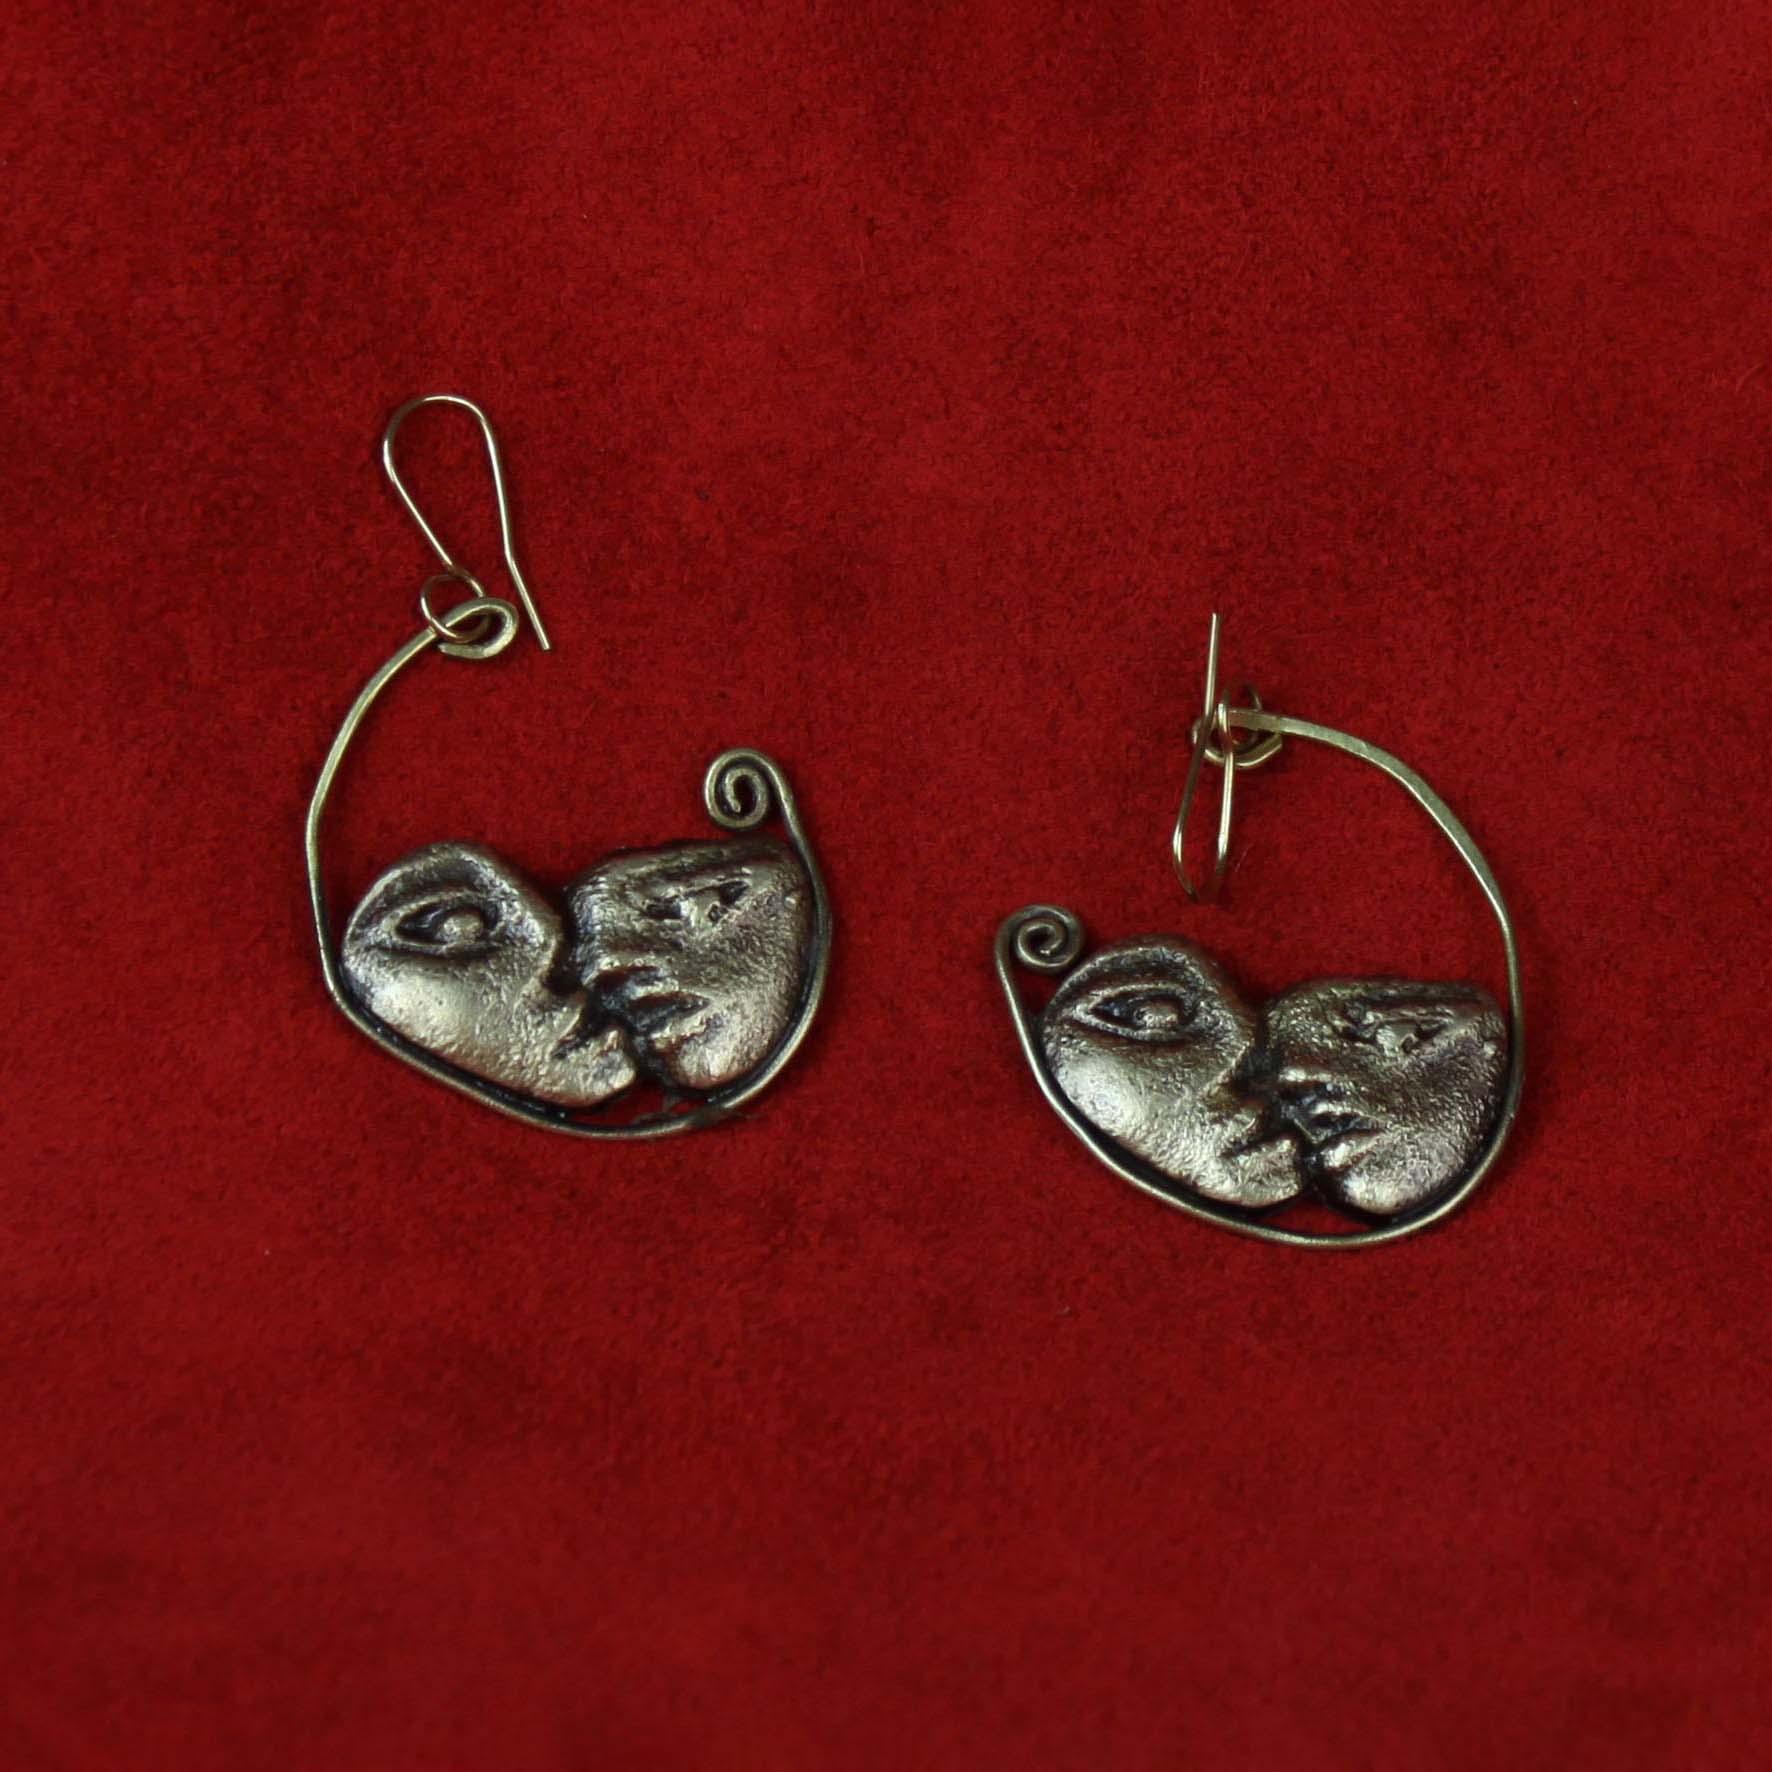 Lathe Kiss Earrings